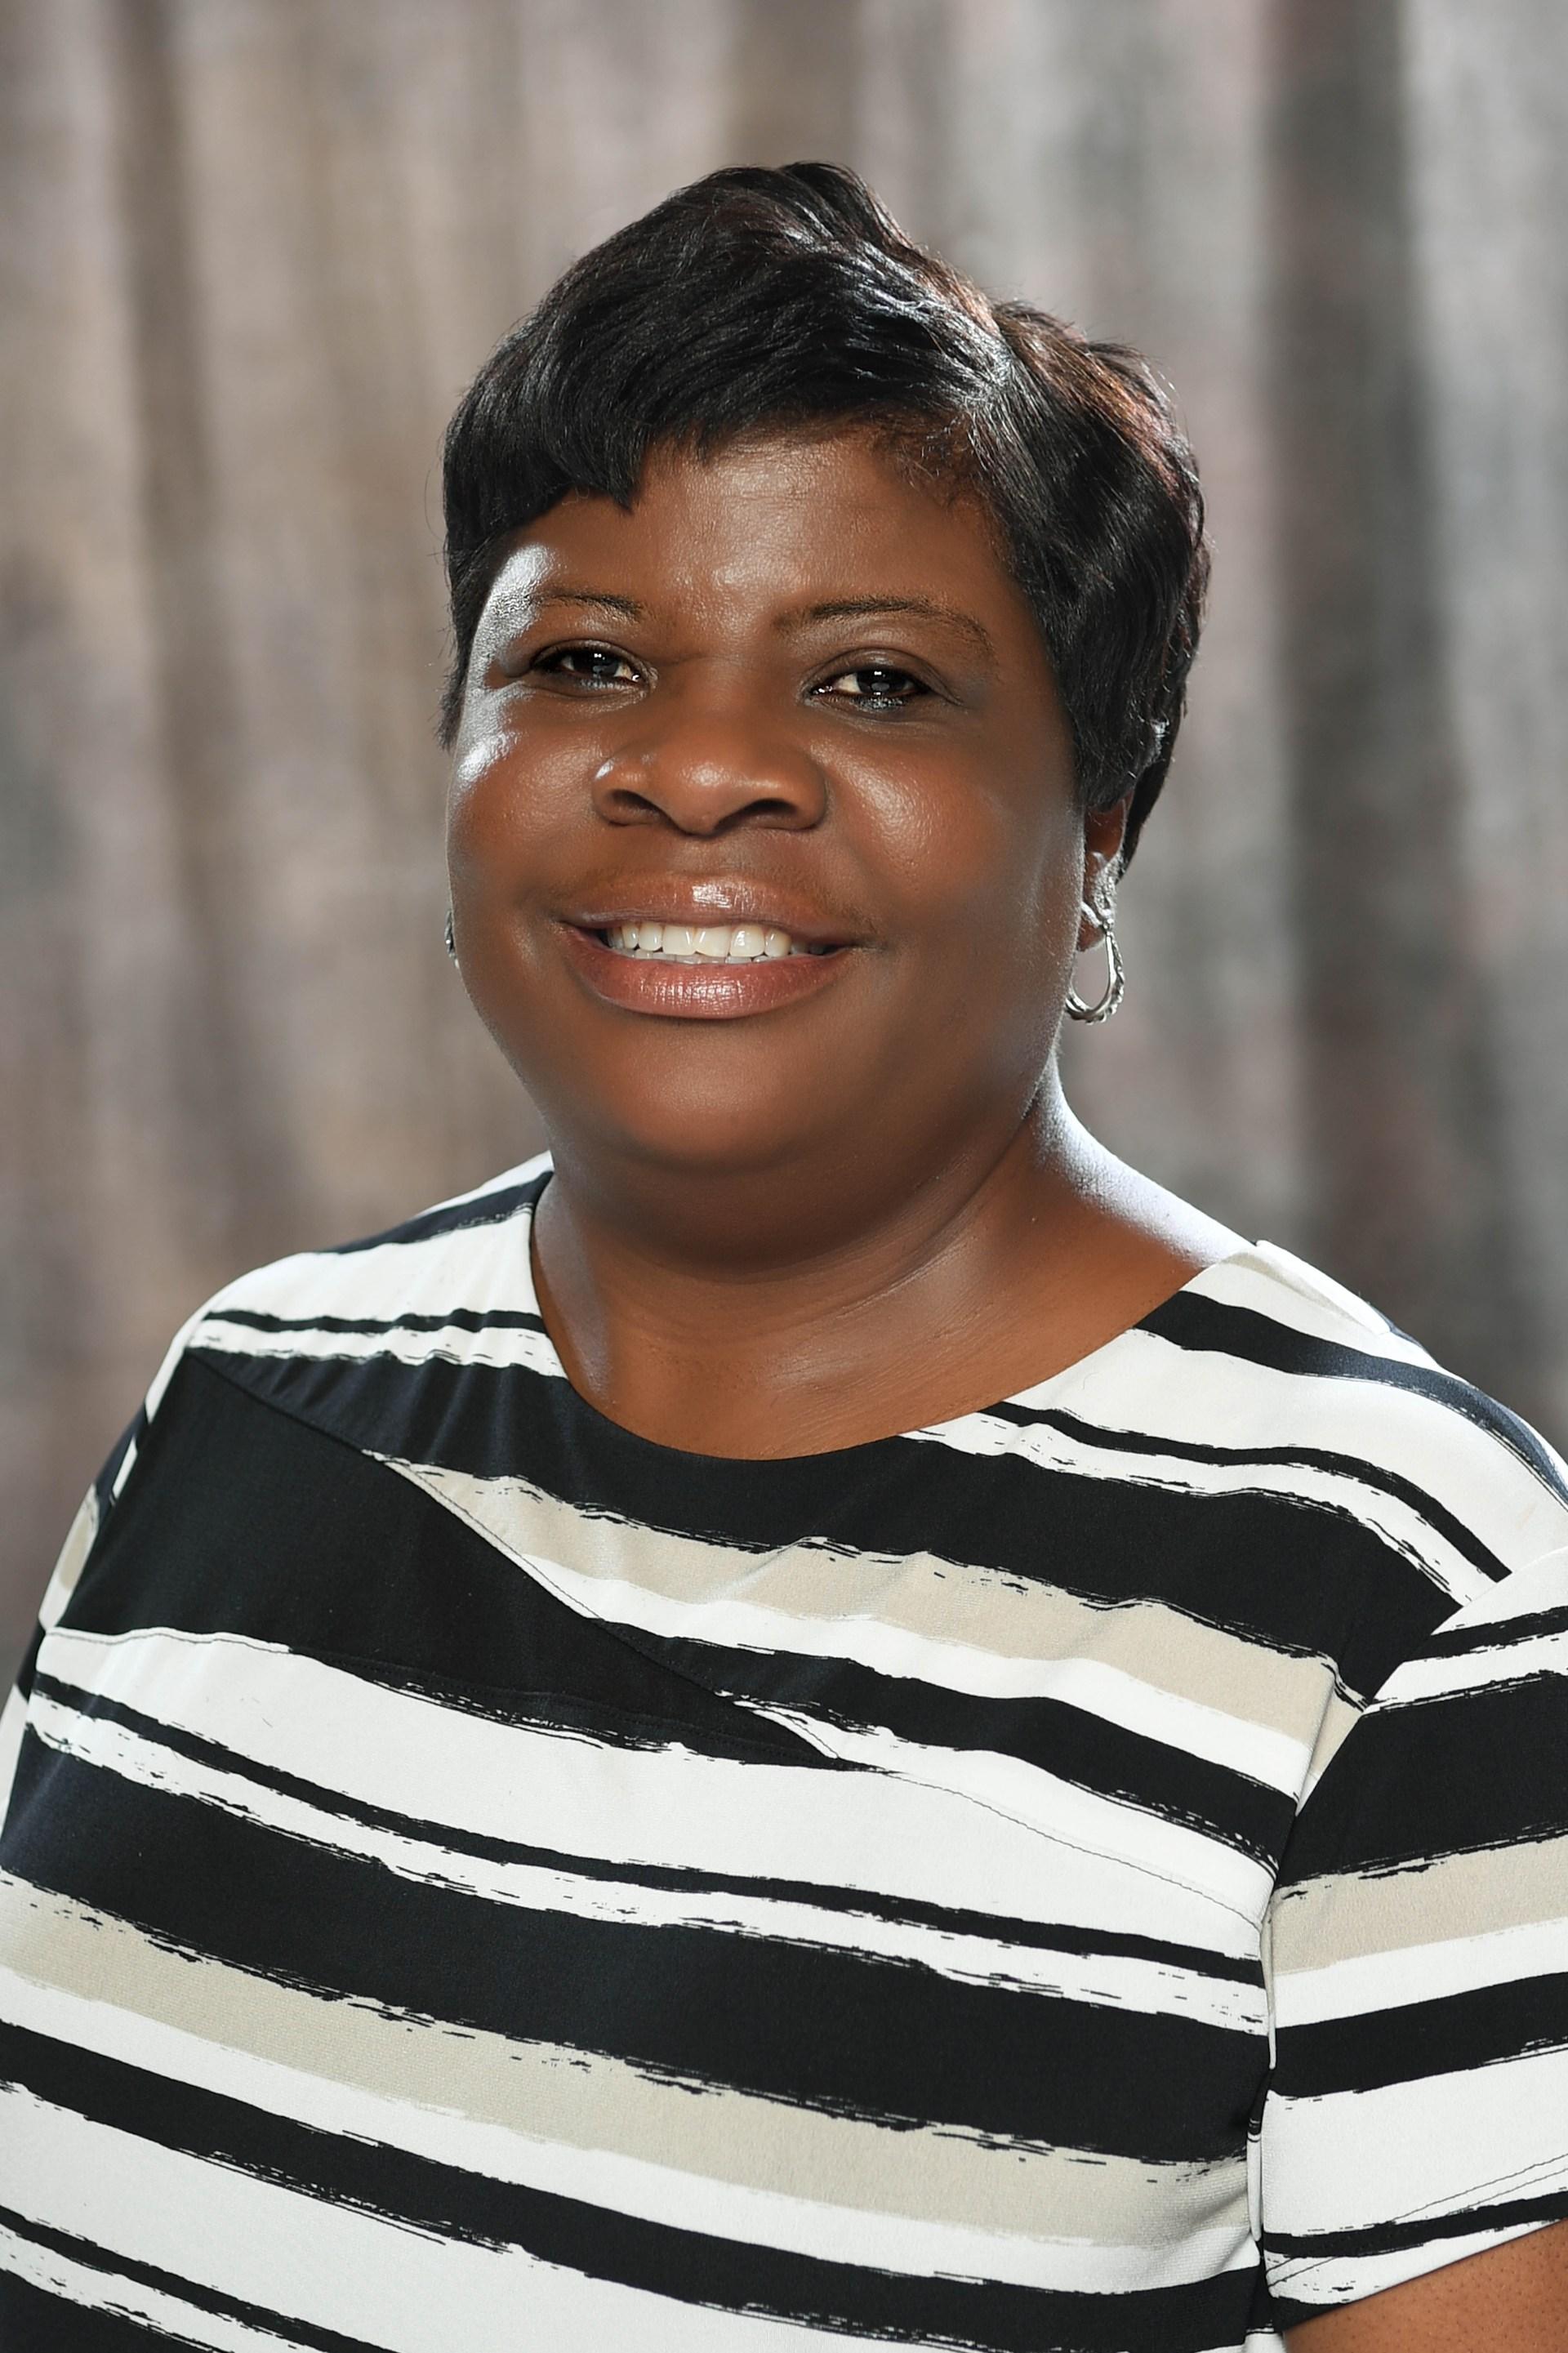 Ms. Yolanda White